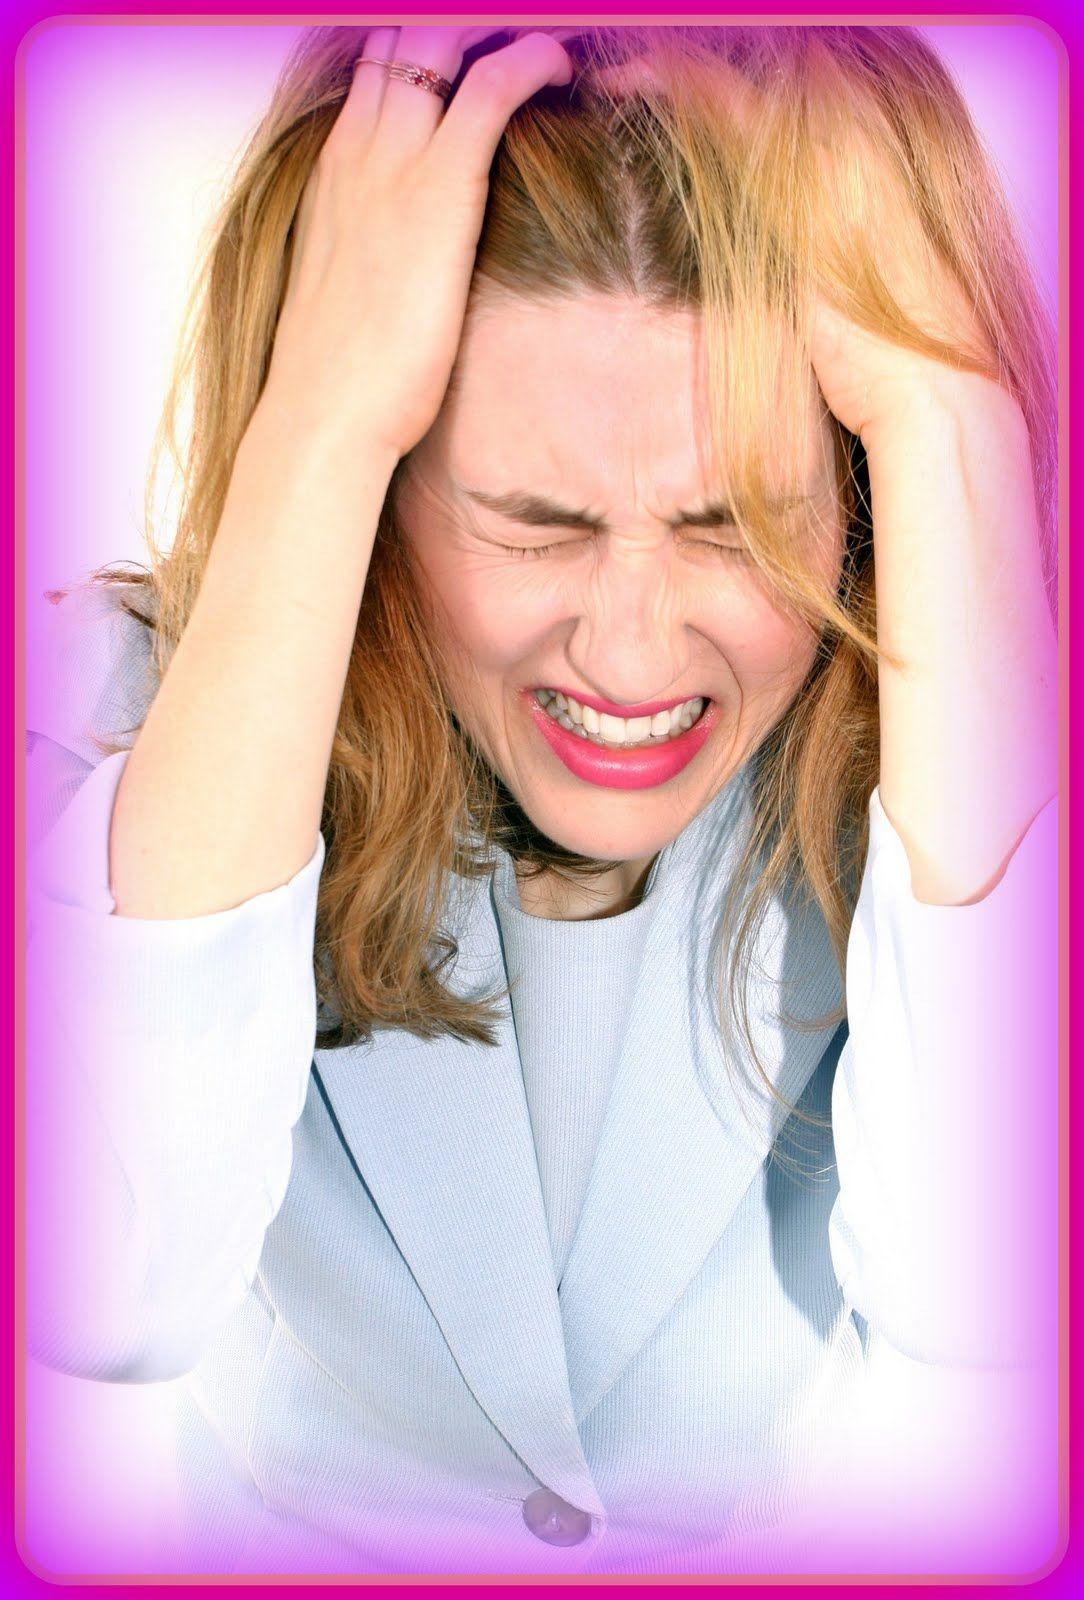 blogAuriMartini: Respostas de uma sexologa estressada